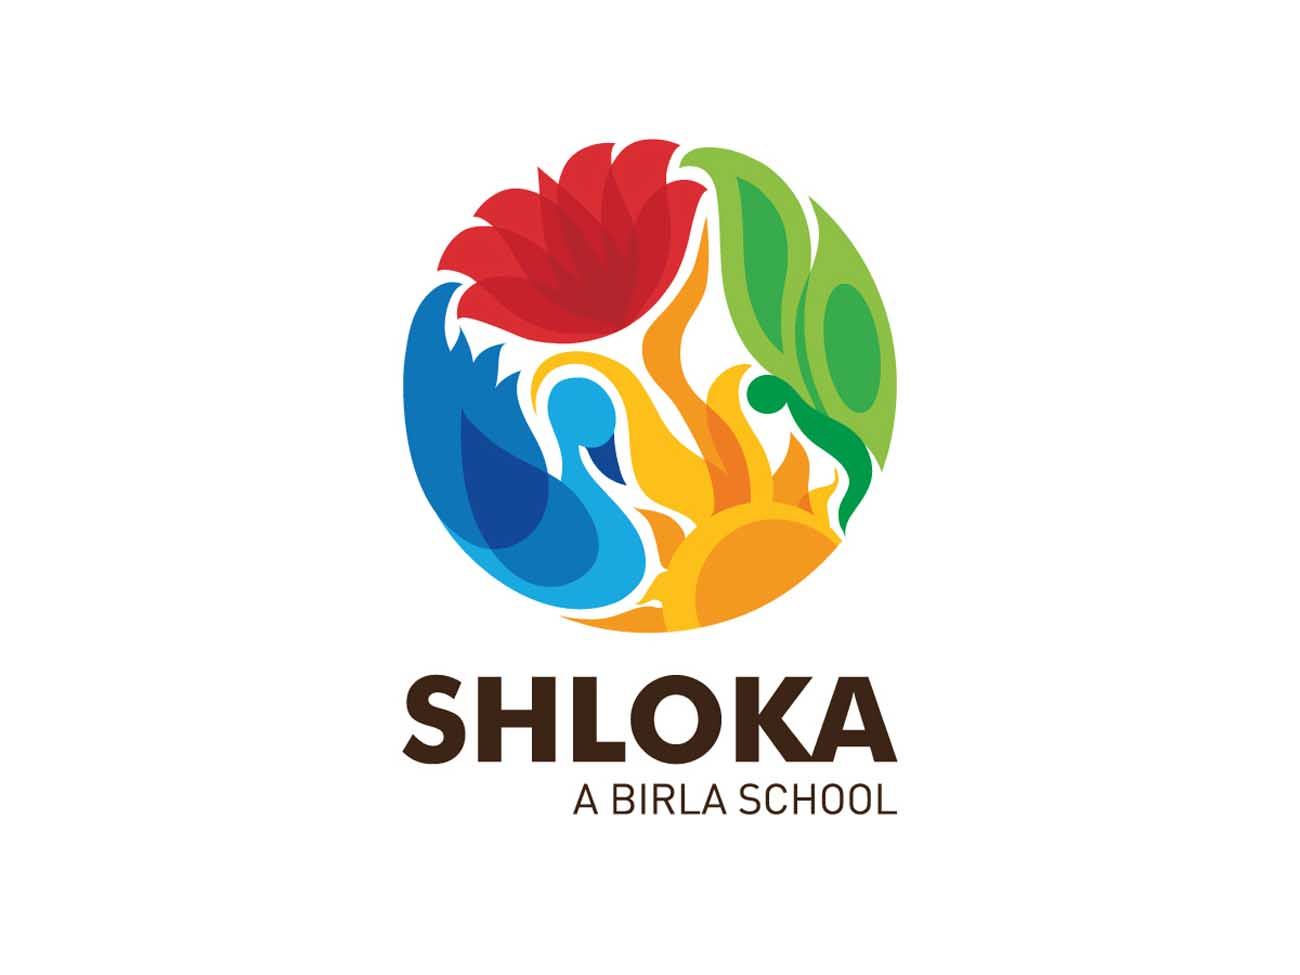 Shloka-DESIGN-05